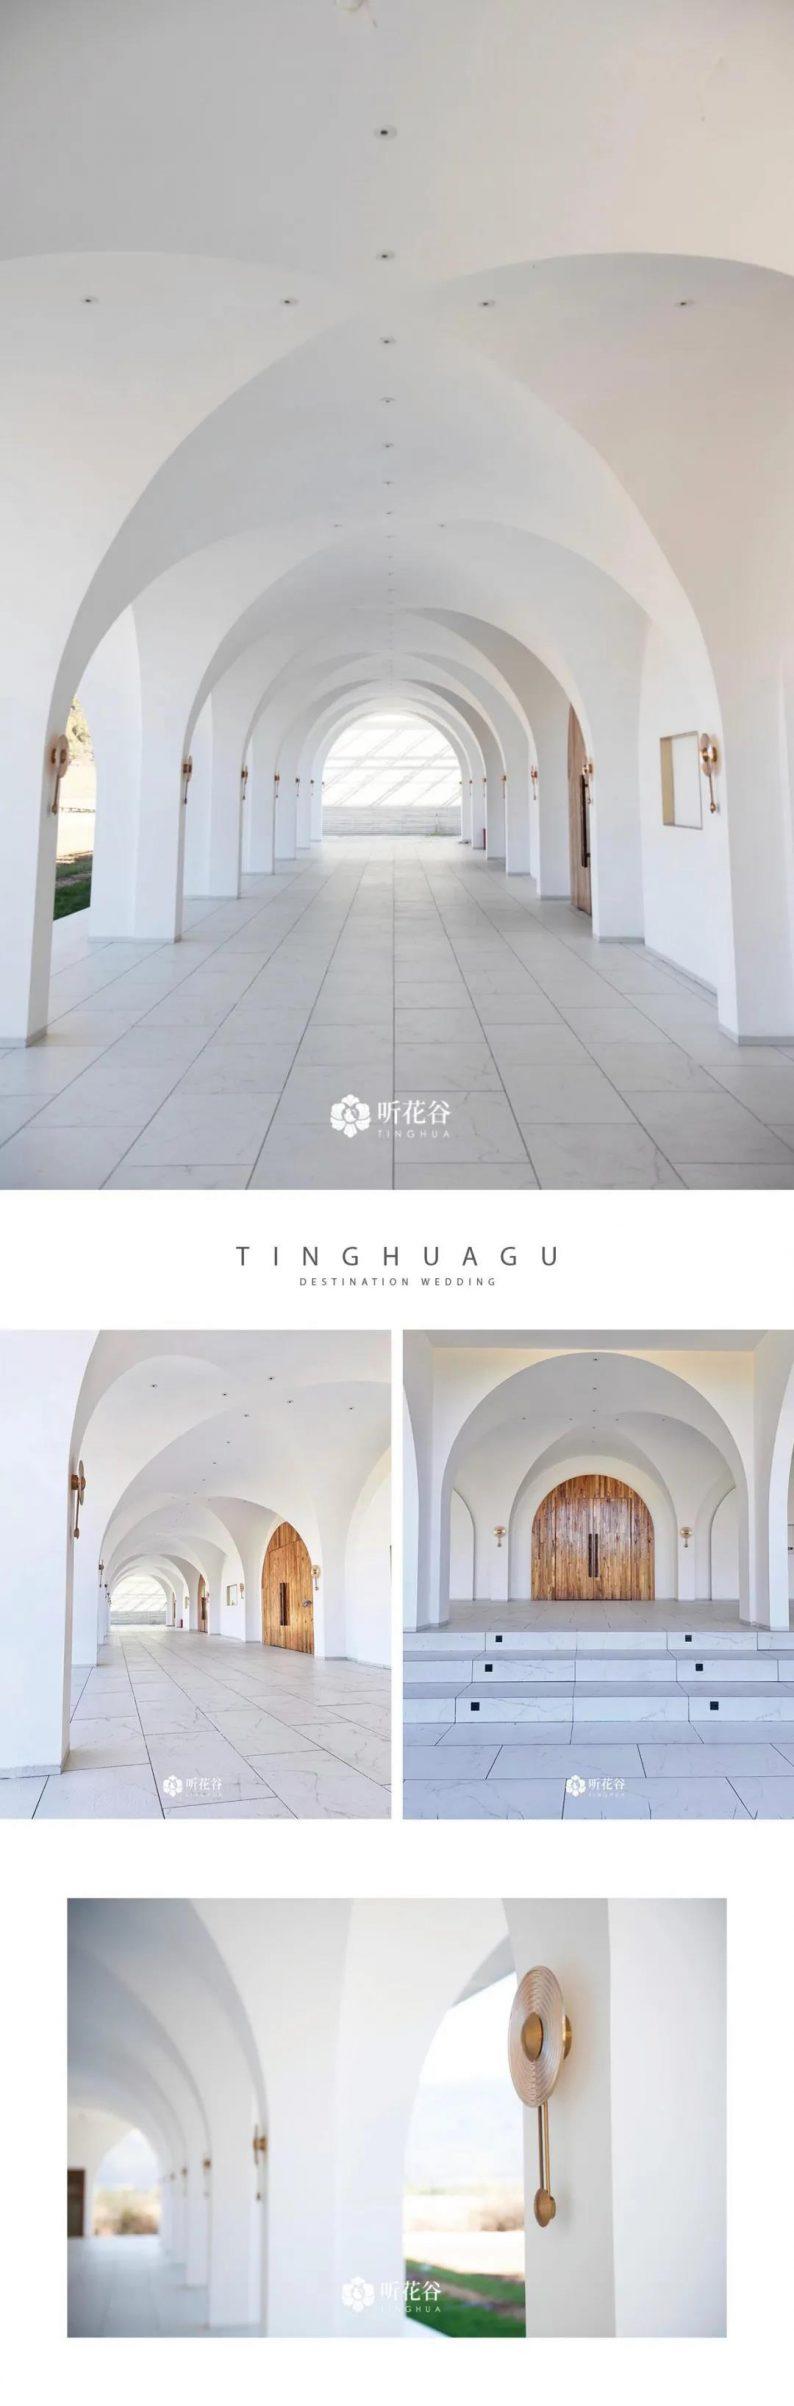 婚礼堂发布:雪山下的圣洁礼堂,丽江婚礼新地标  第9张